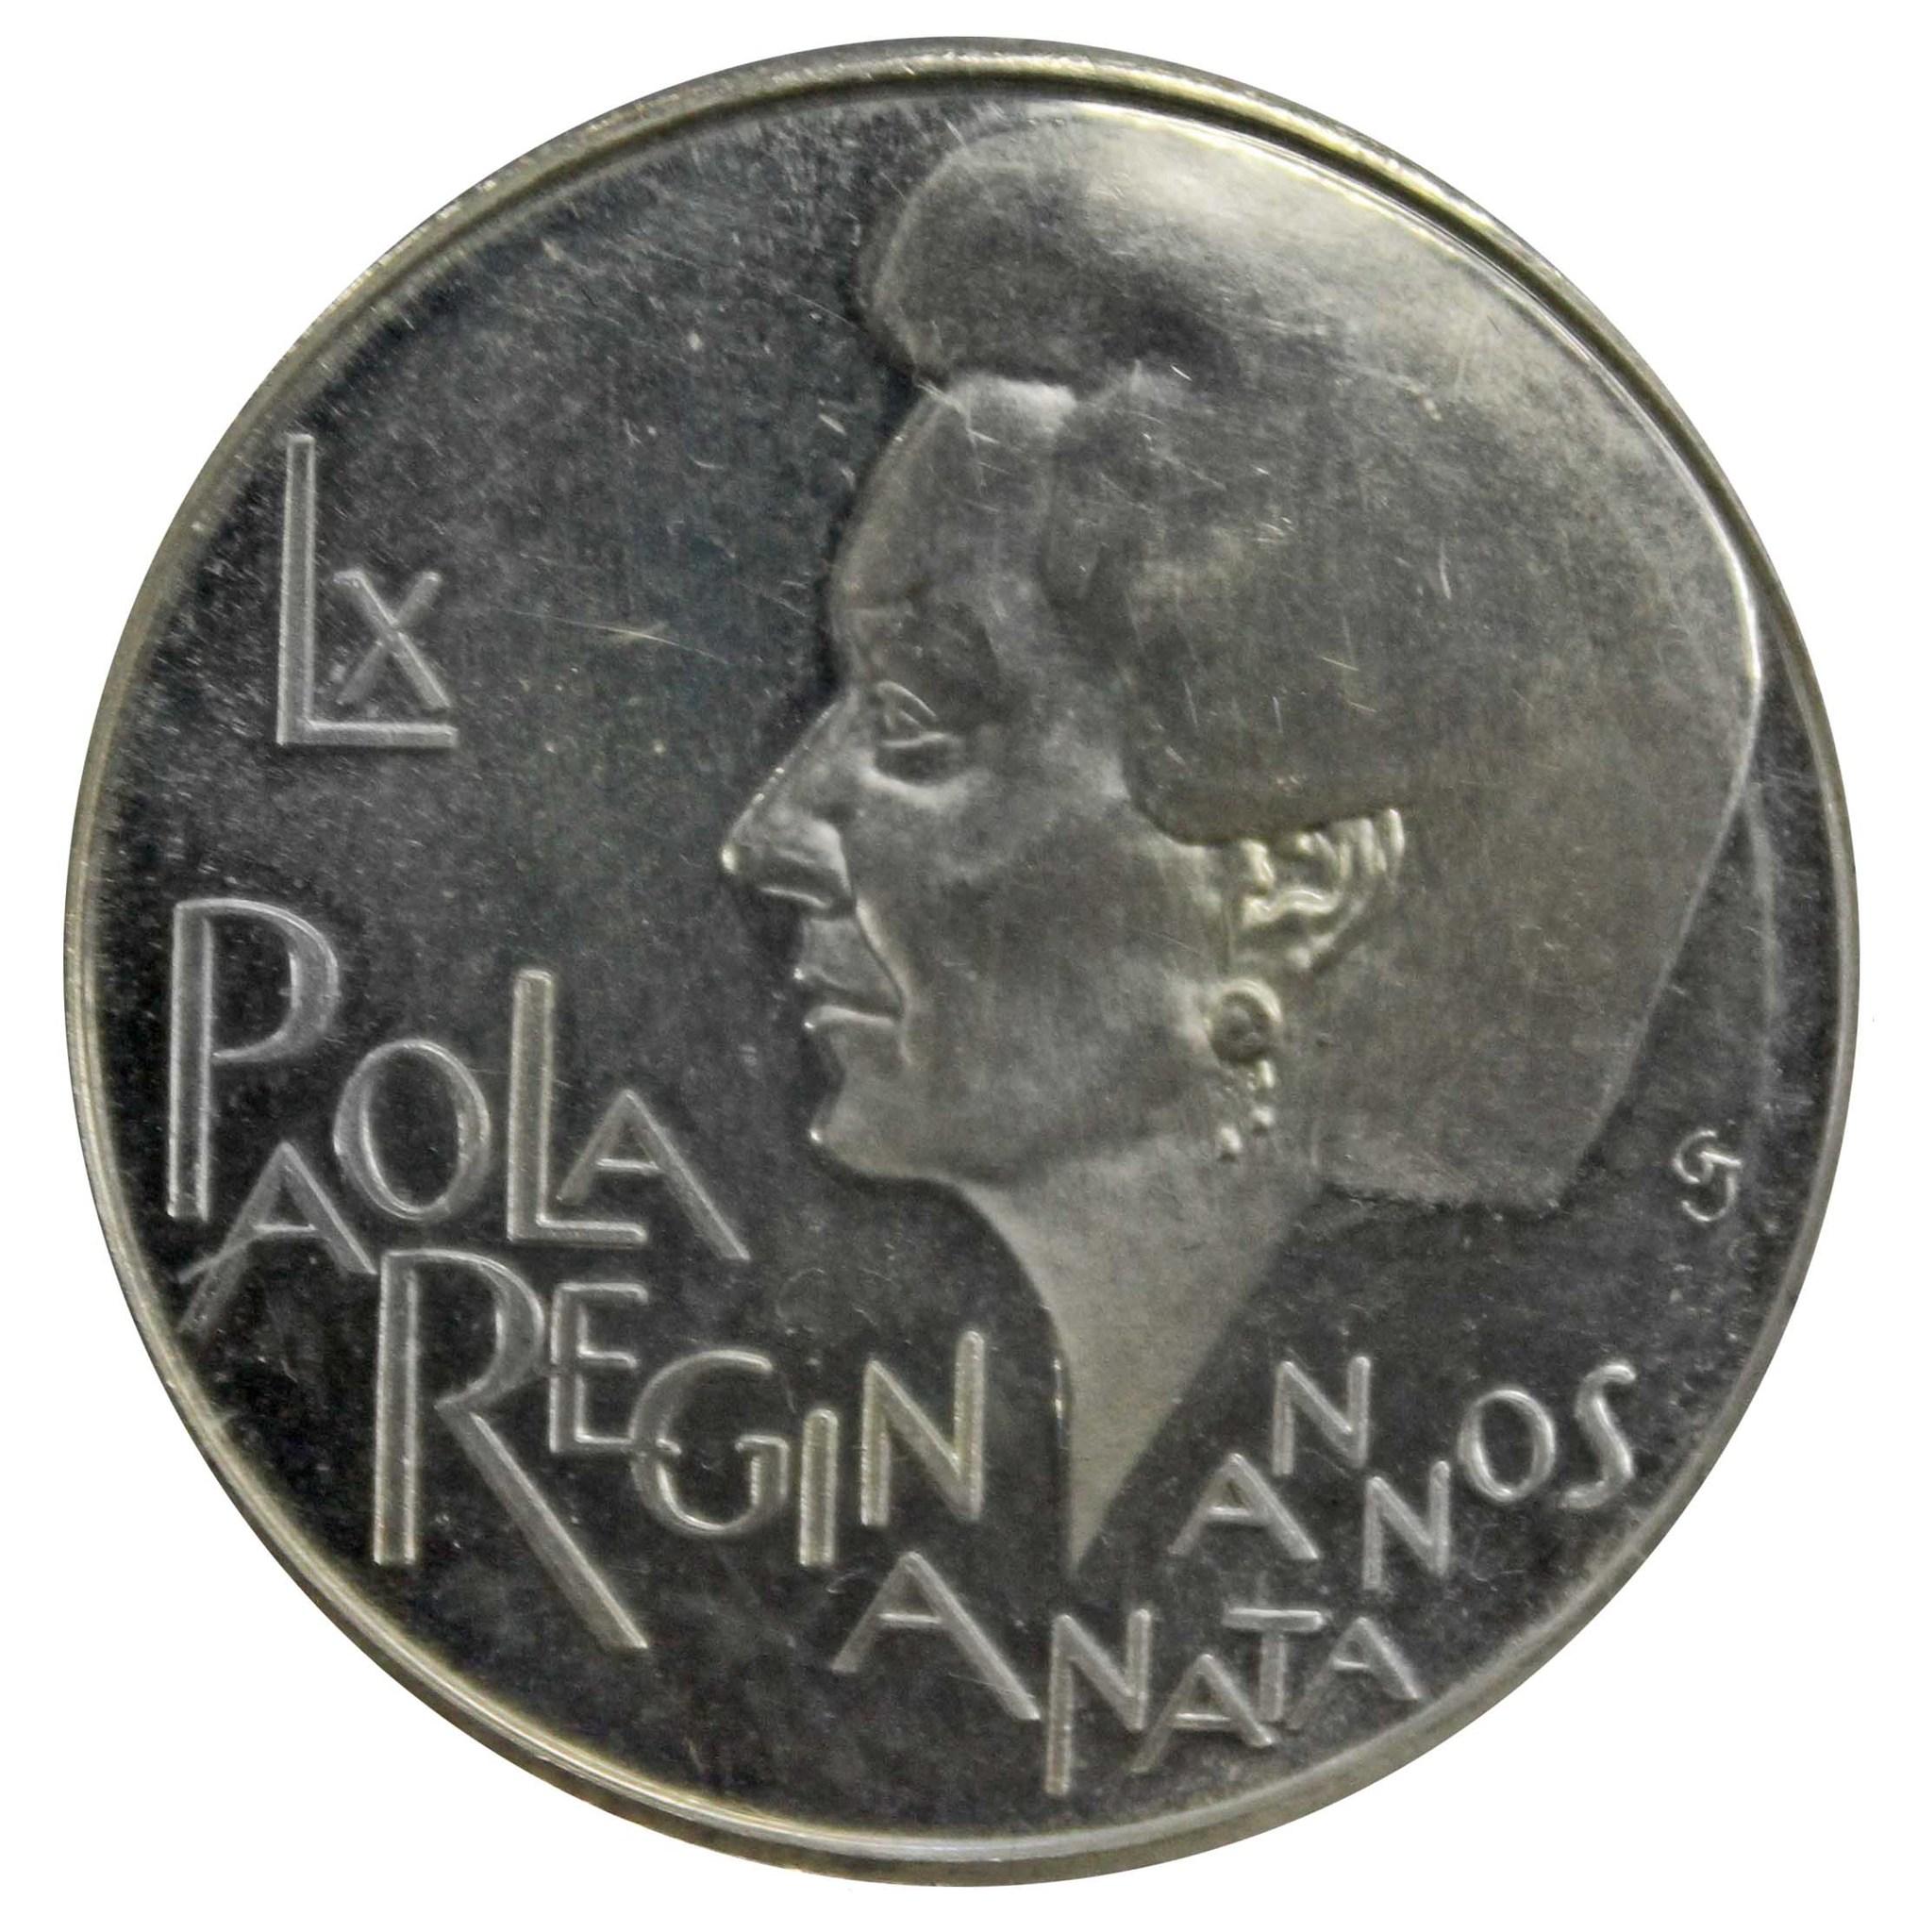 250 франков. 60 лет со дня рождения Королевы Паолы. Бельгия. 1997 год Серебро. PROOF-LIKE